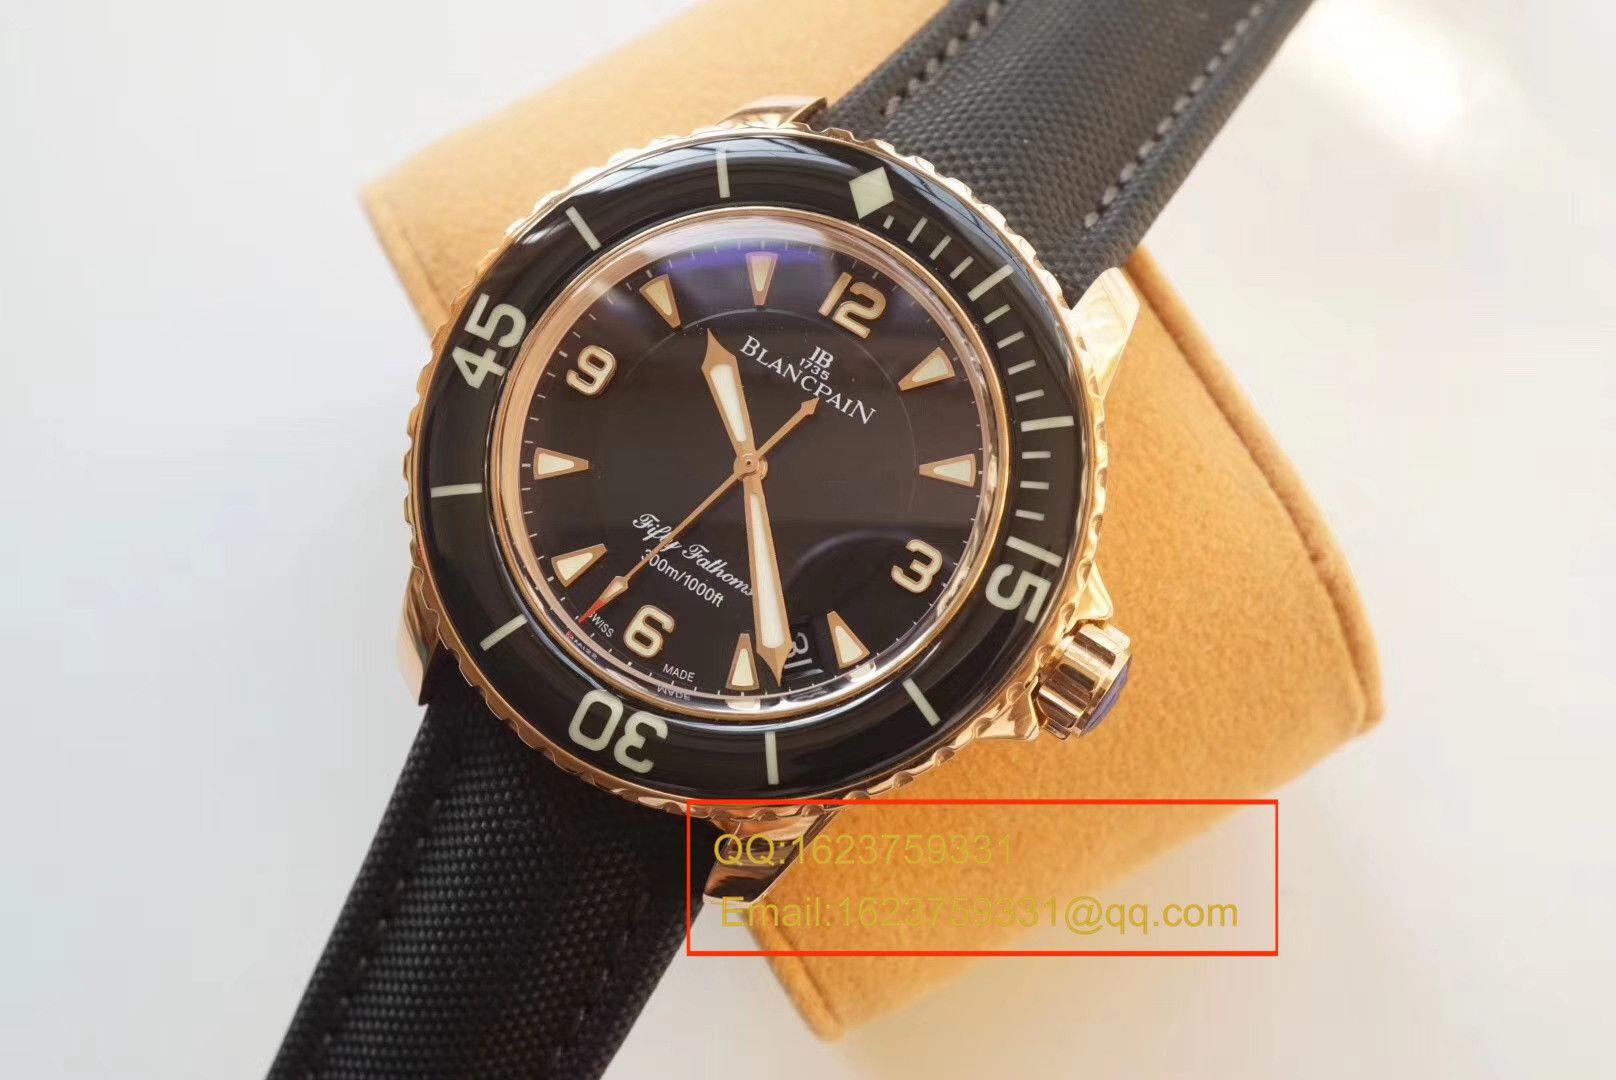 【ZF一比一超A高仿手表】宝珀 五十噚系列5015-3630-52 自动机械腕表